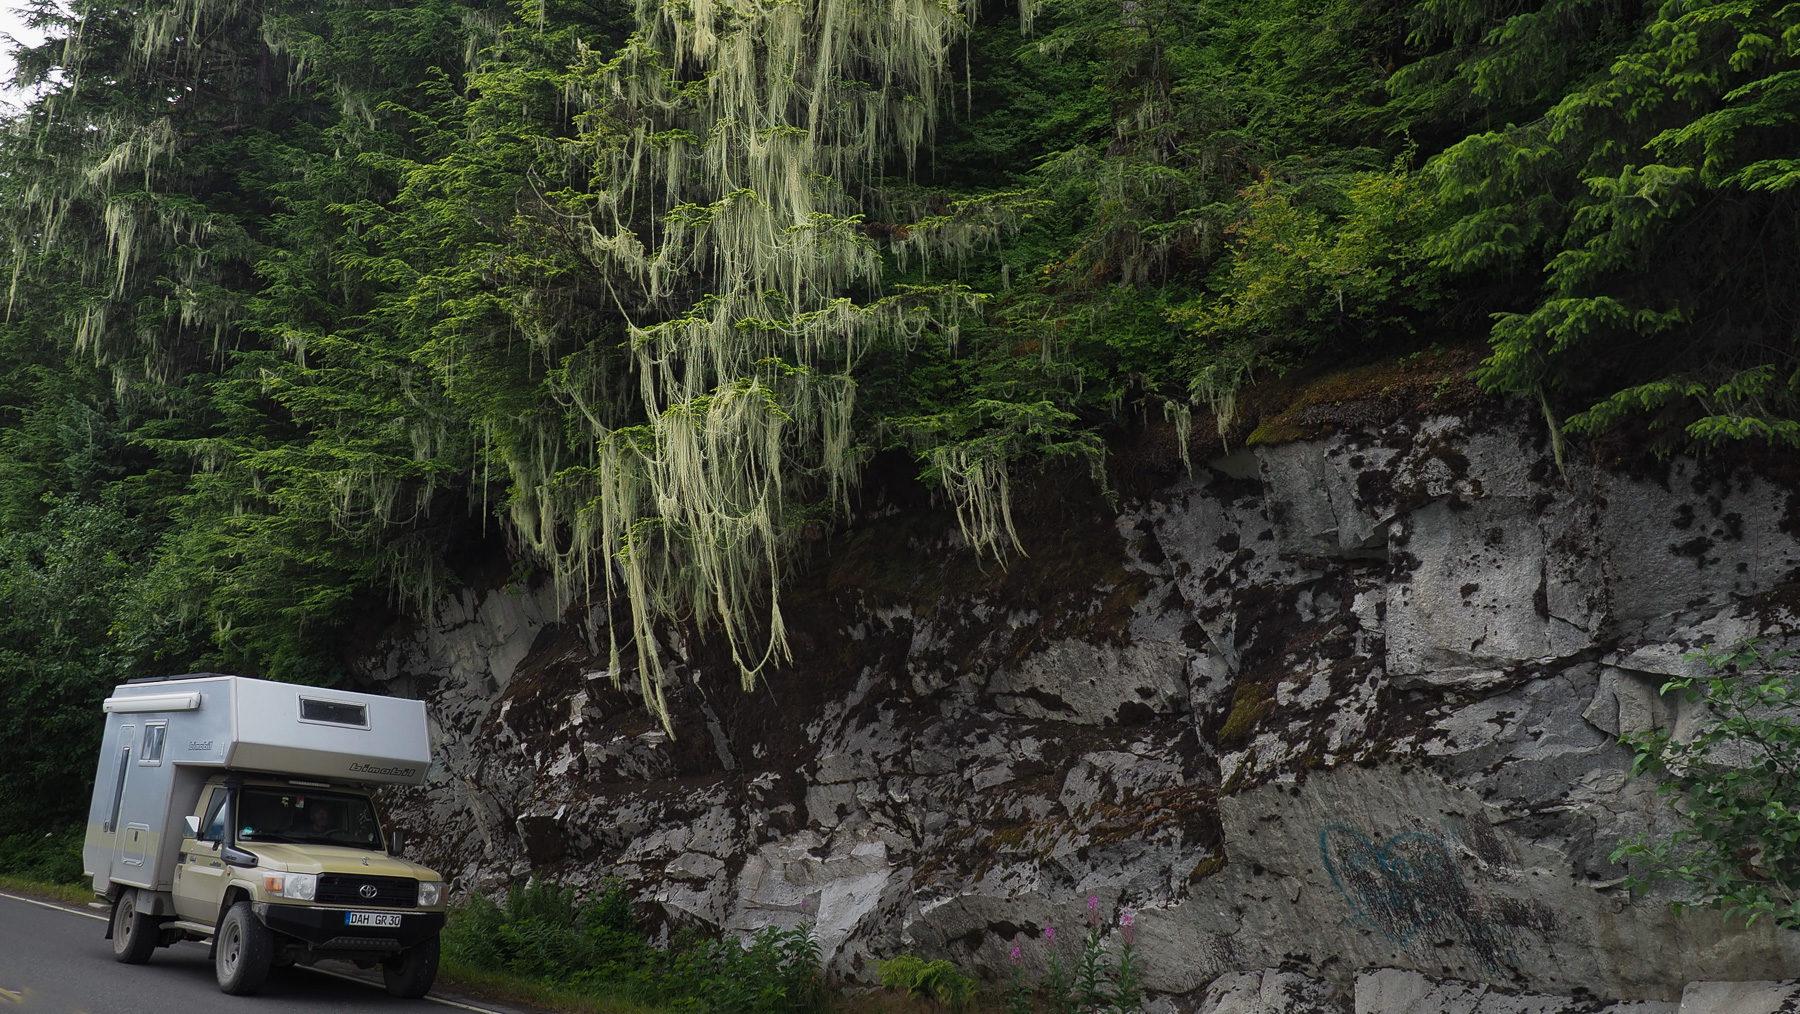 meterlange Flechten in den Bäumen